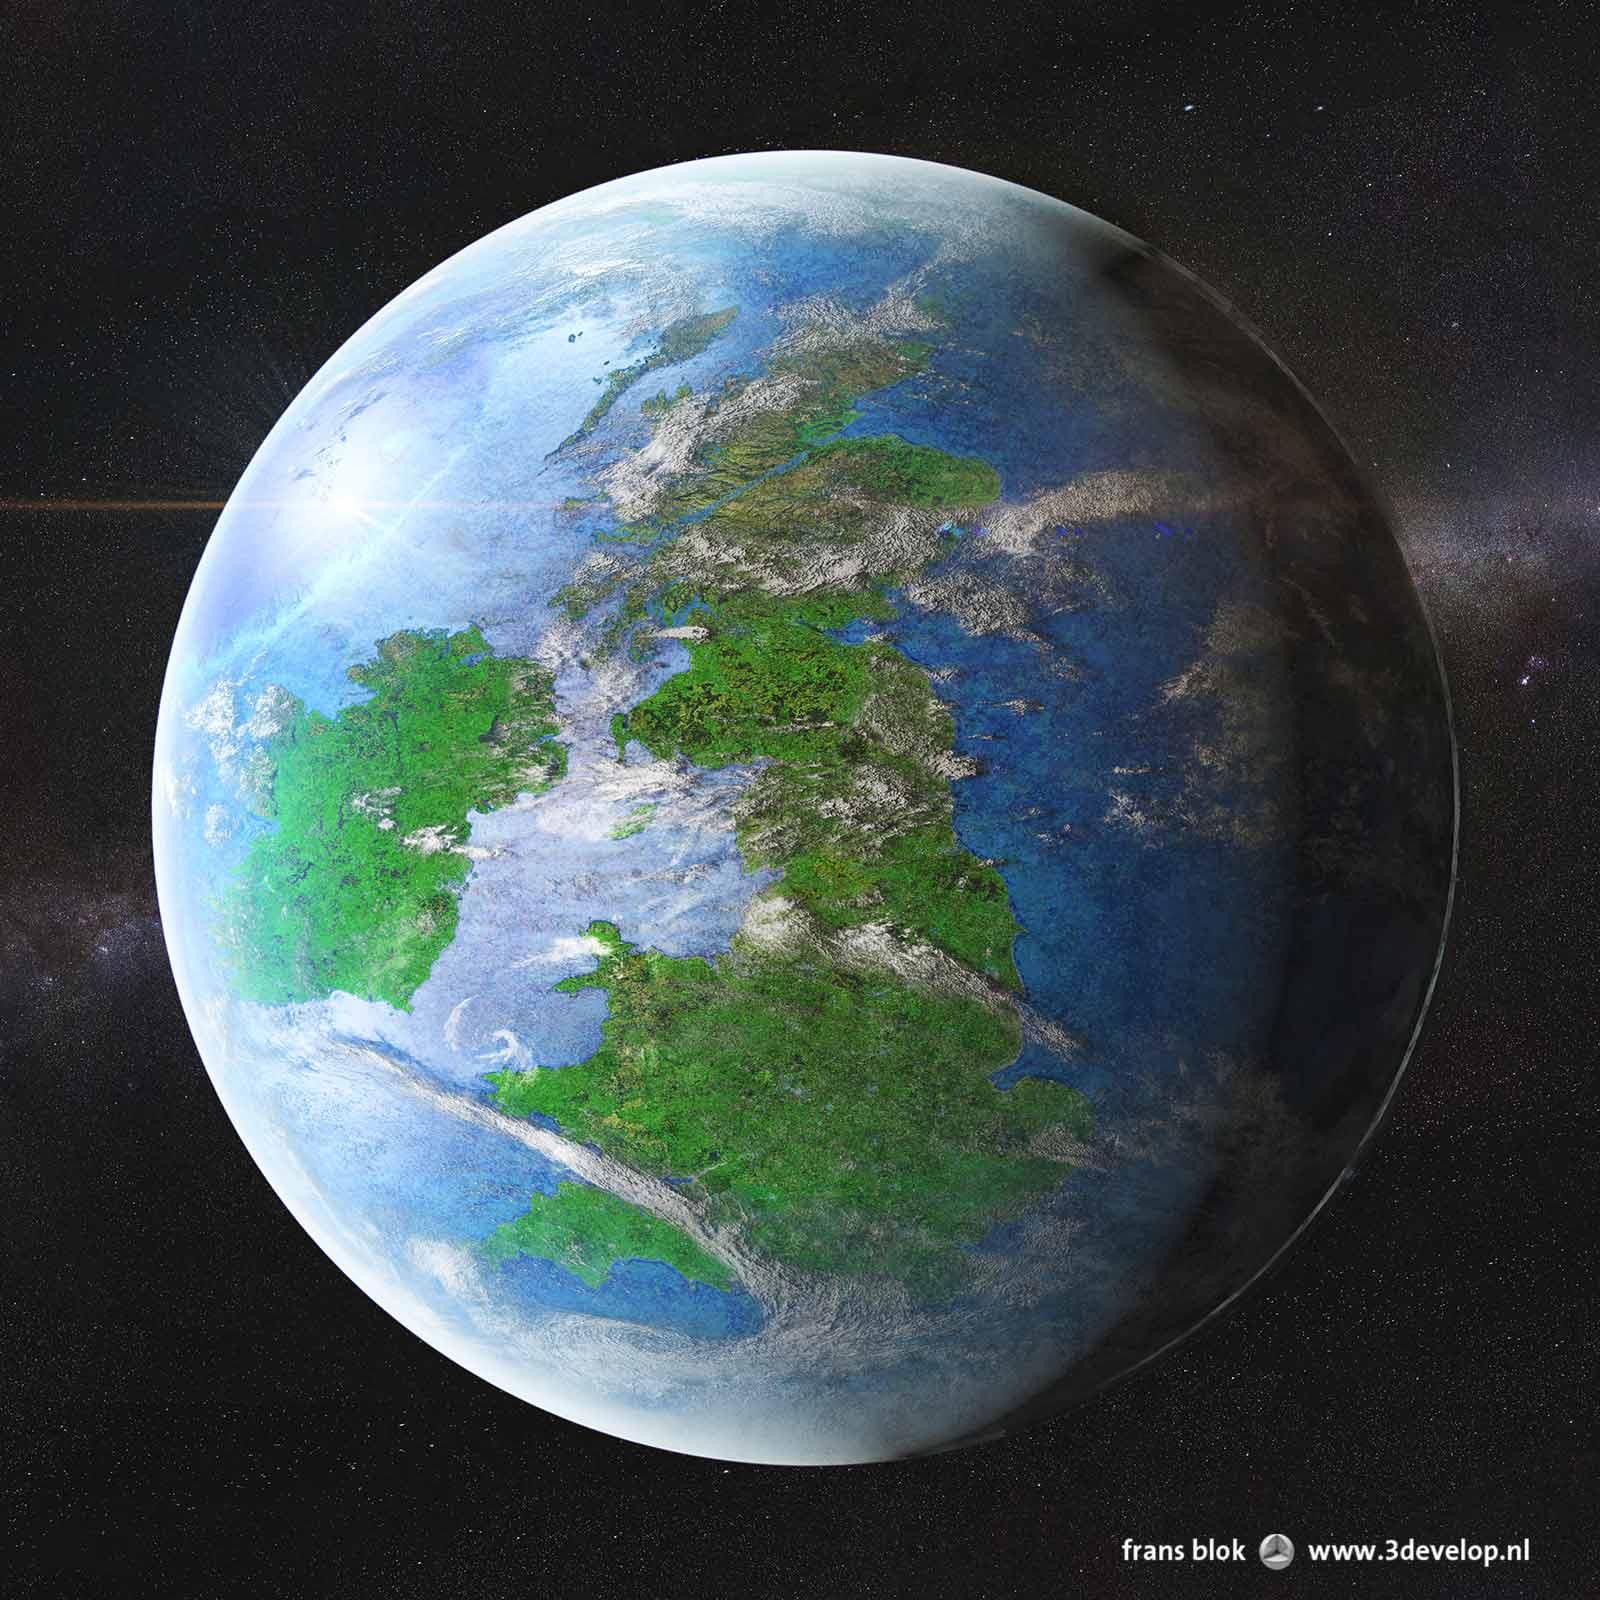 Groot-Brittannië en Ierland weergegeven als twee eilanden op hun eigen planeet